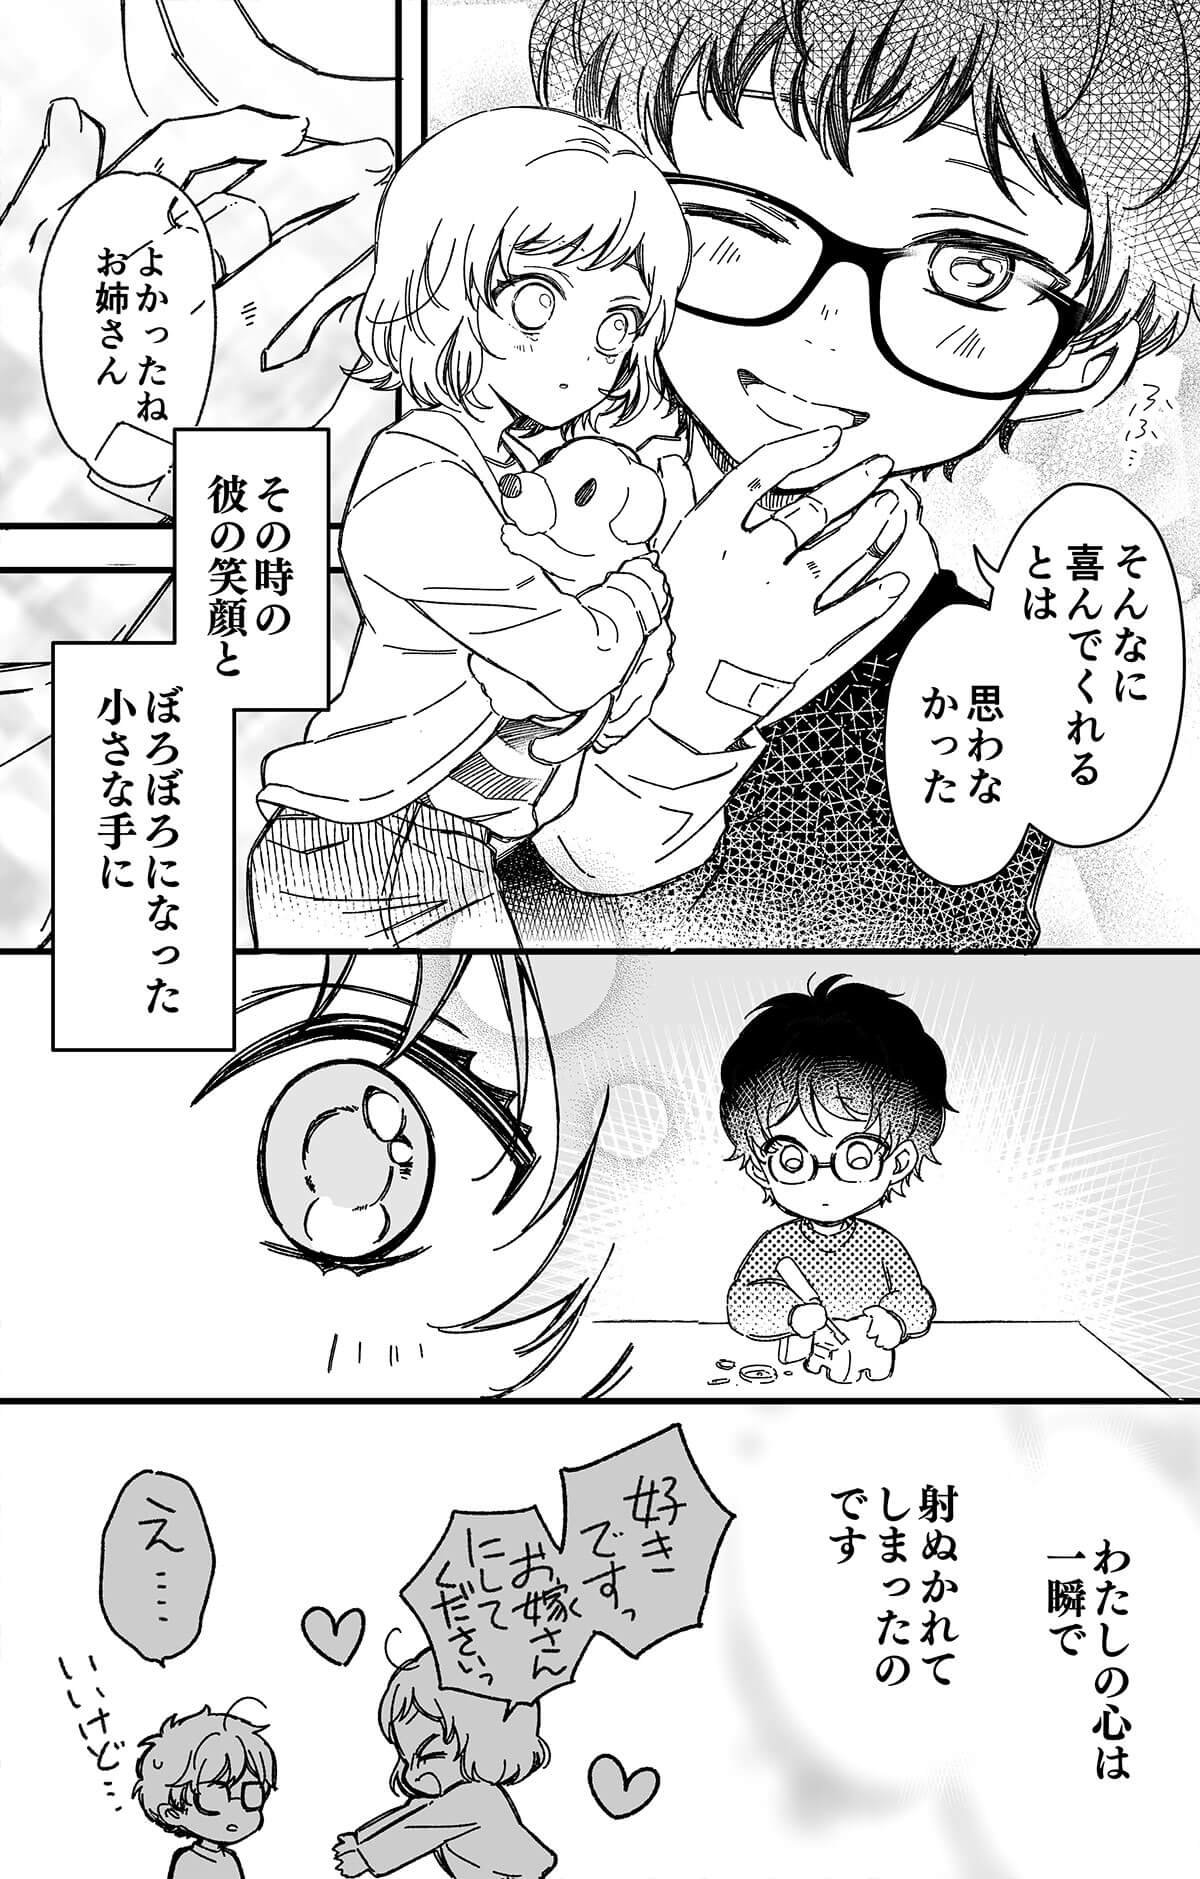 トナリのイケショタくん2-3